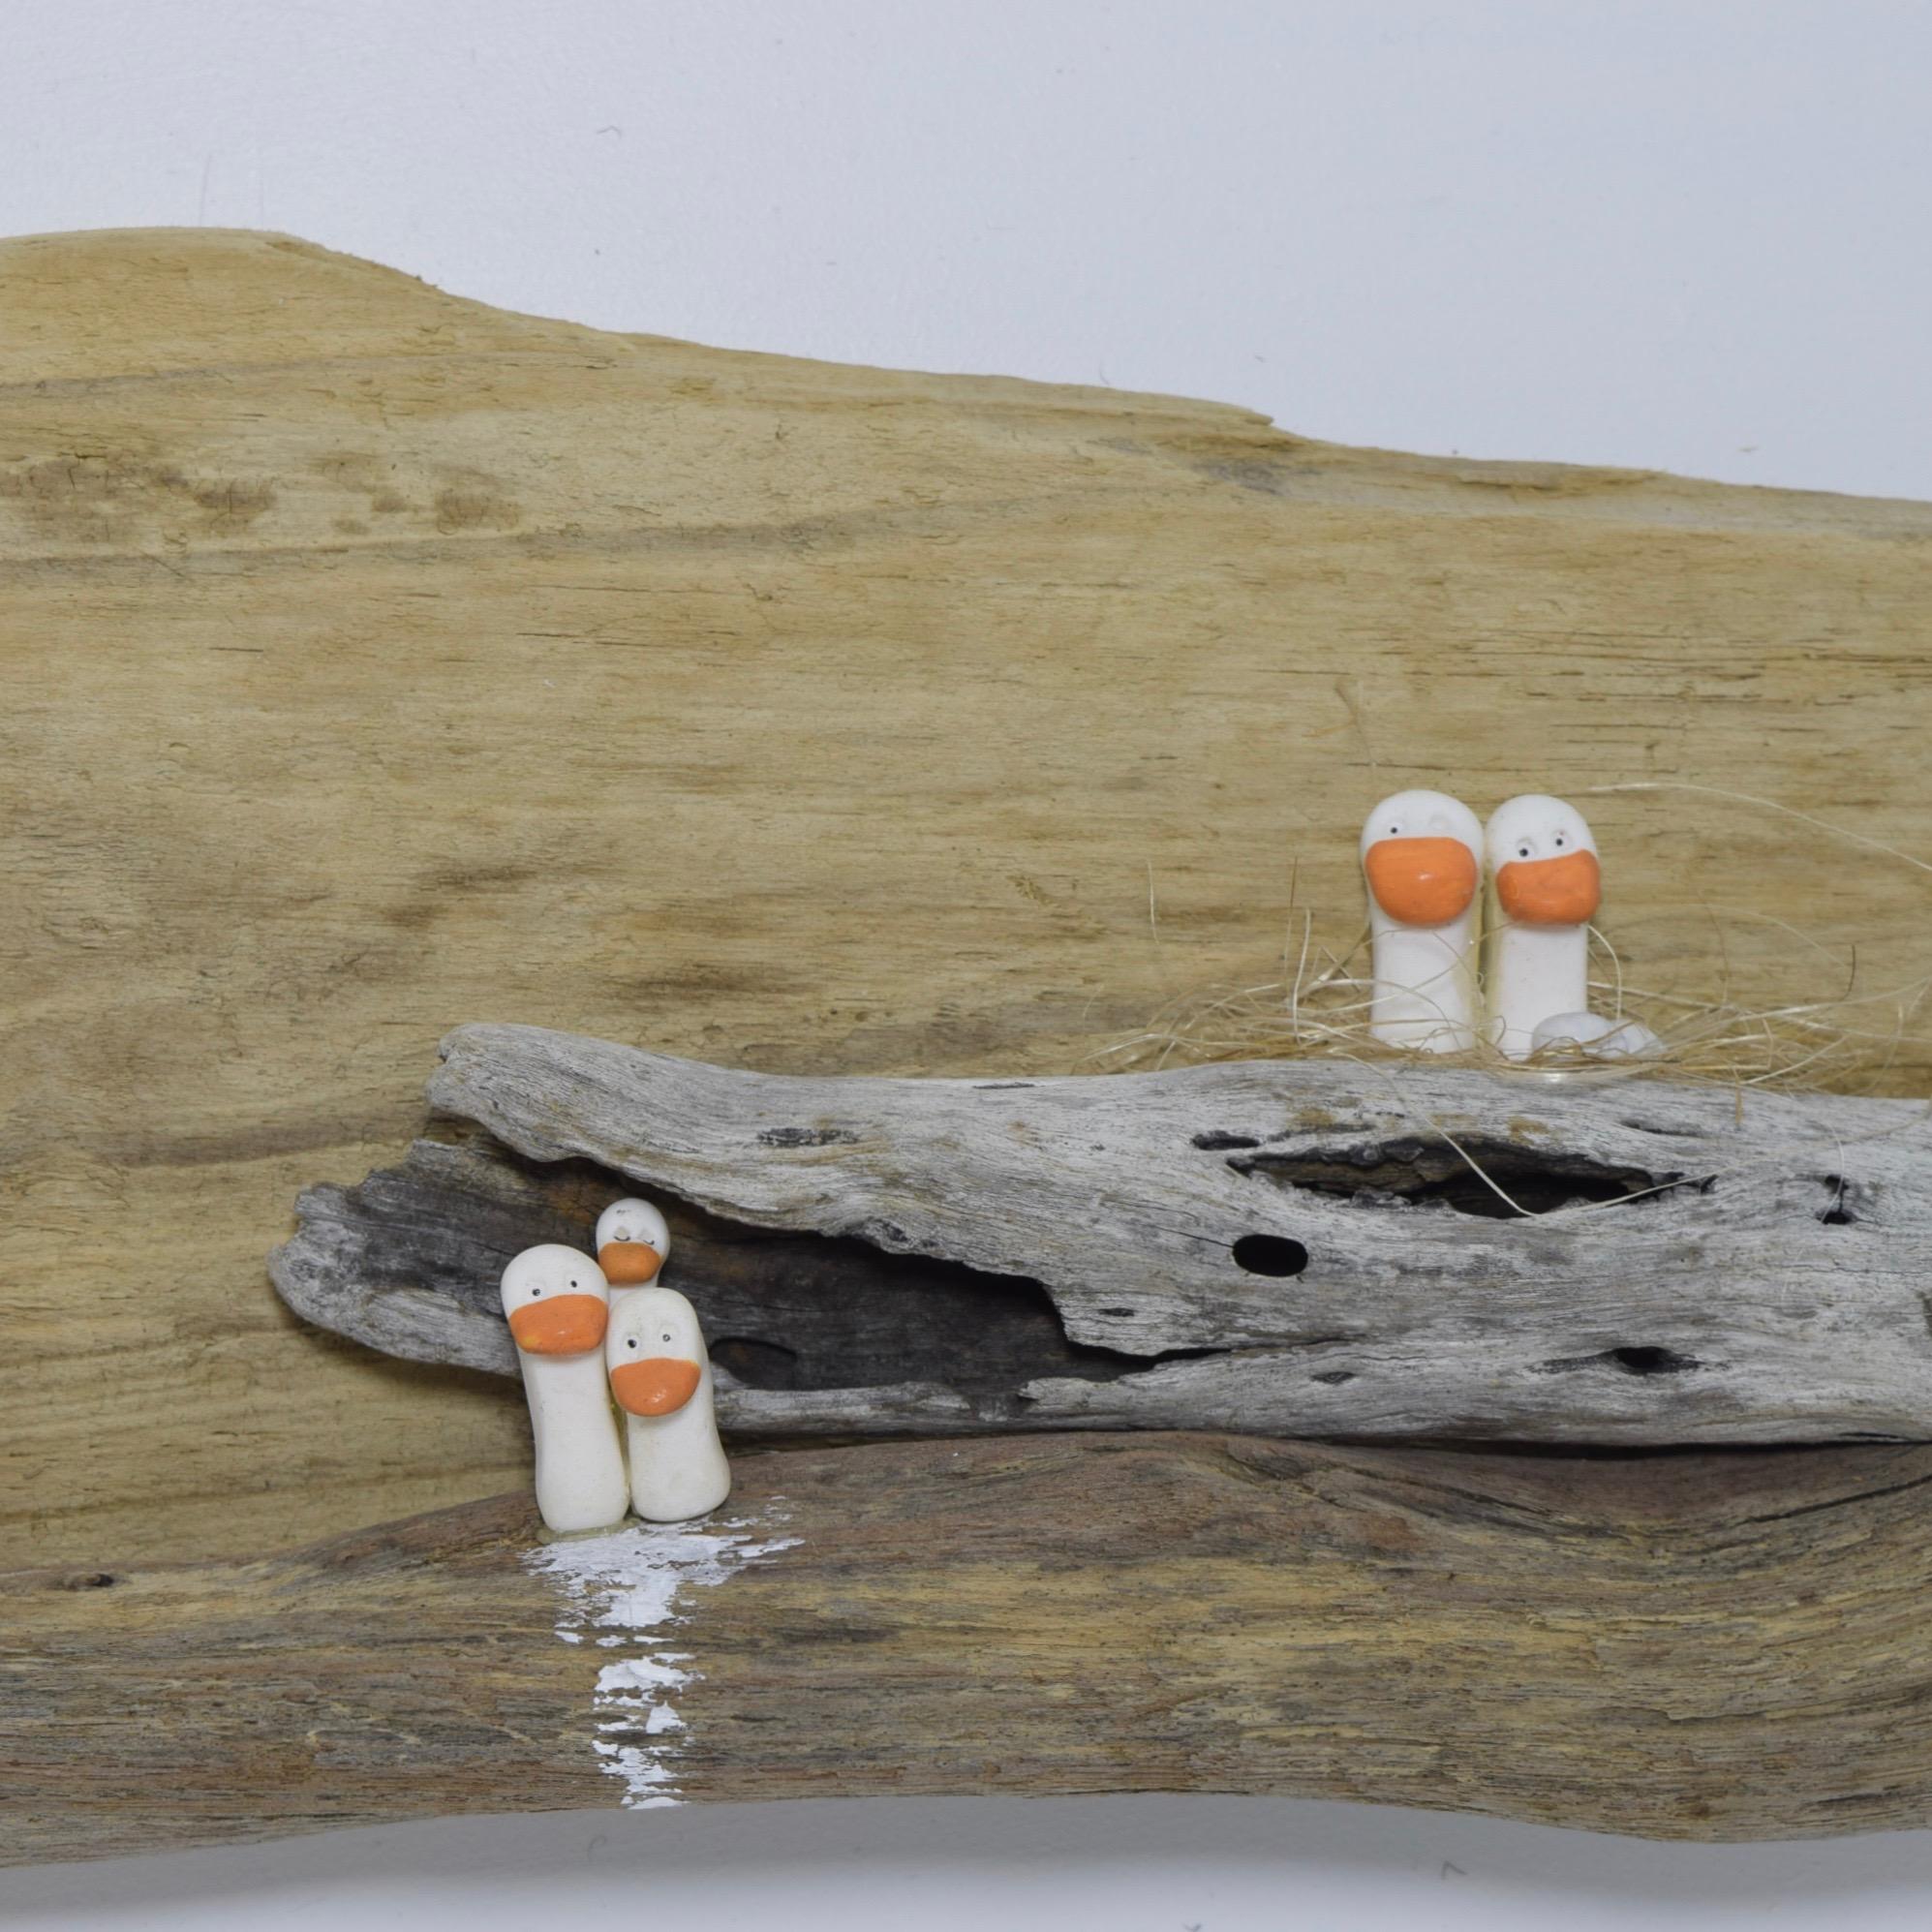 driftwood-art-seagulls